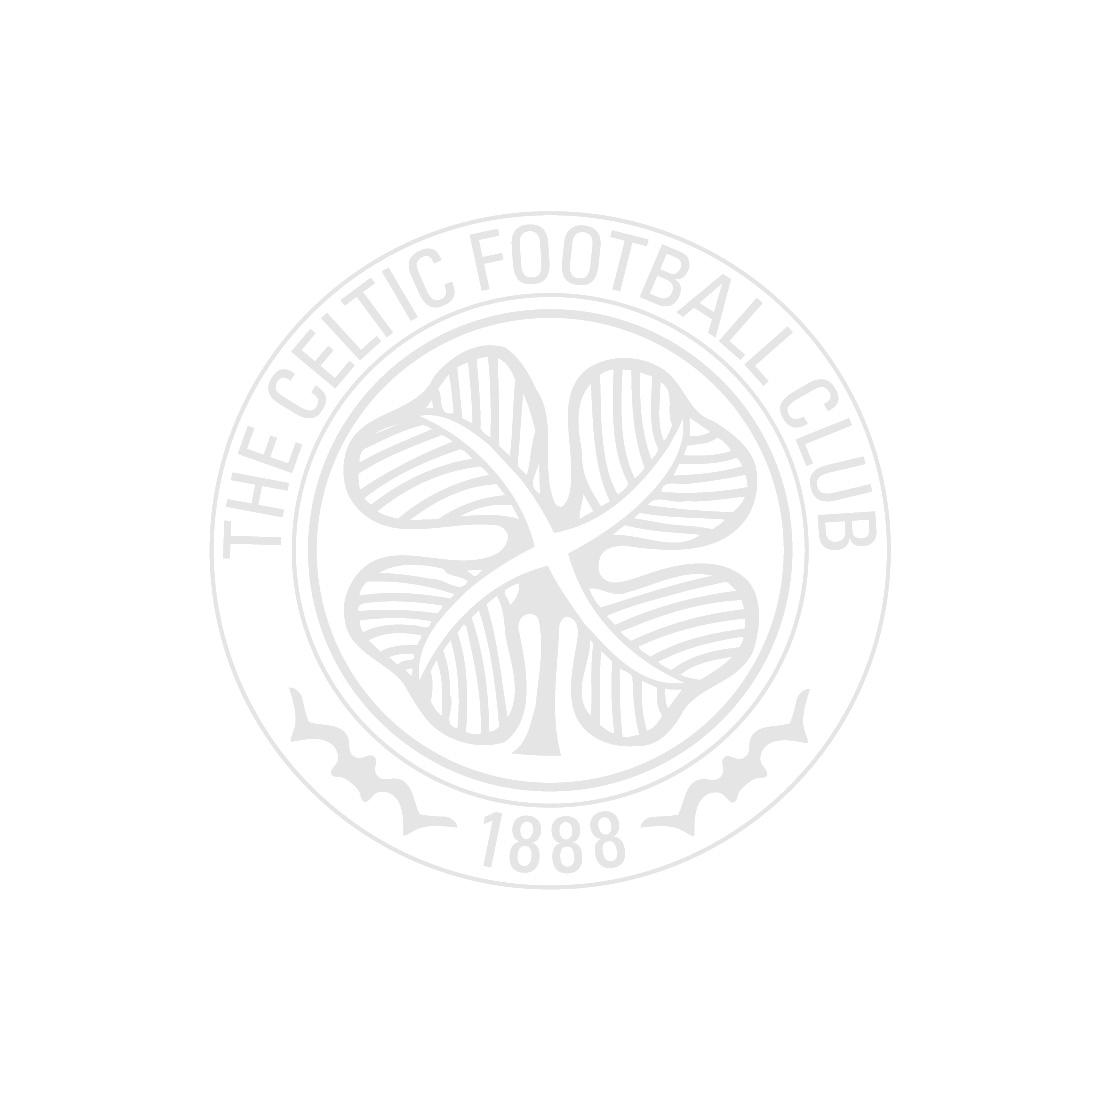 Celtic Crest Stainless Steel Earring